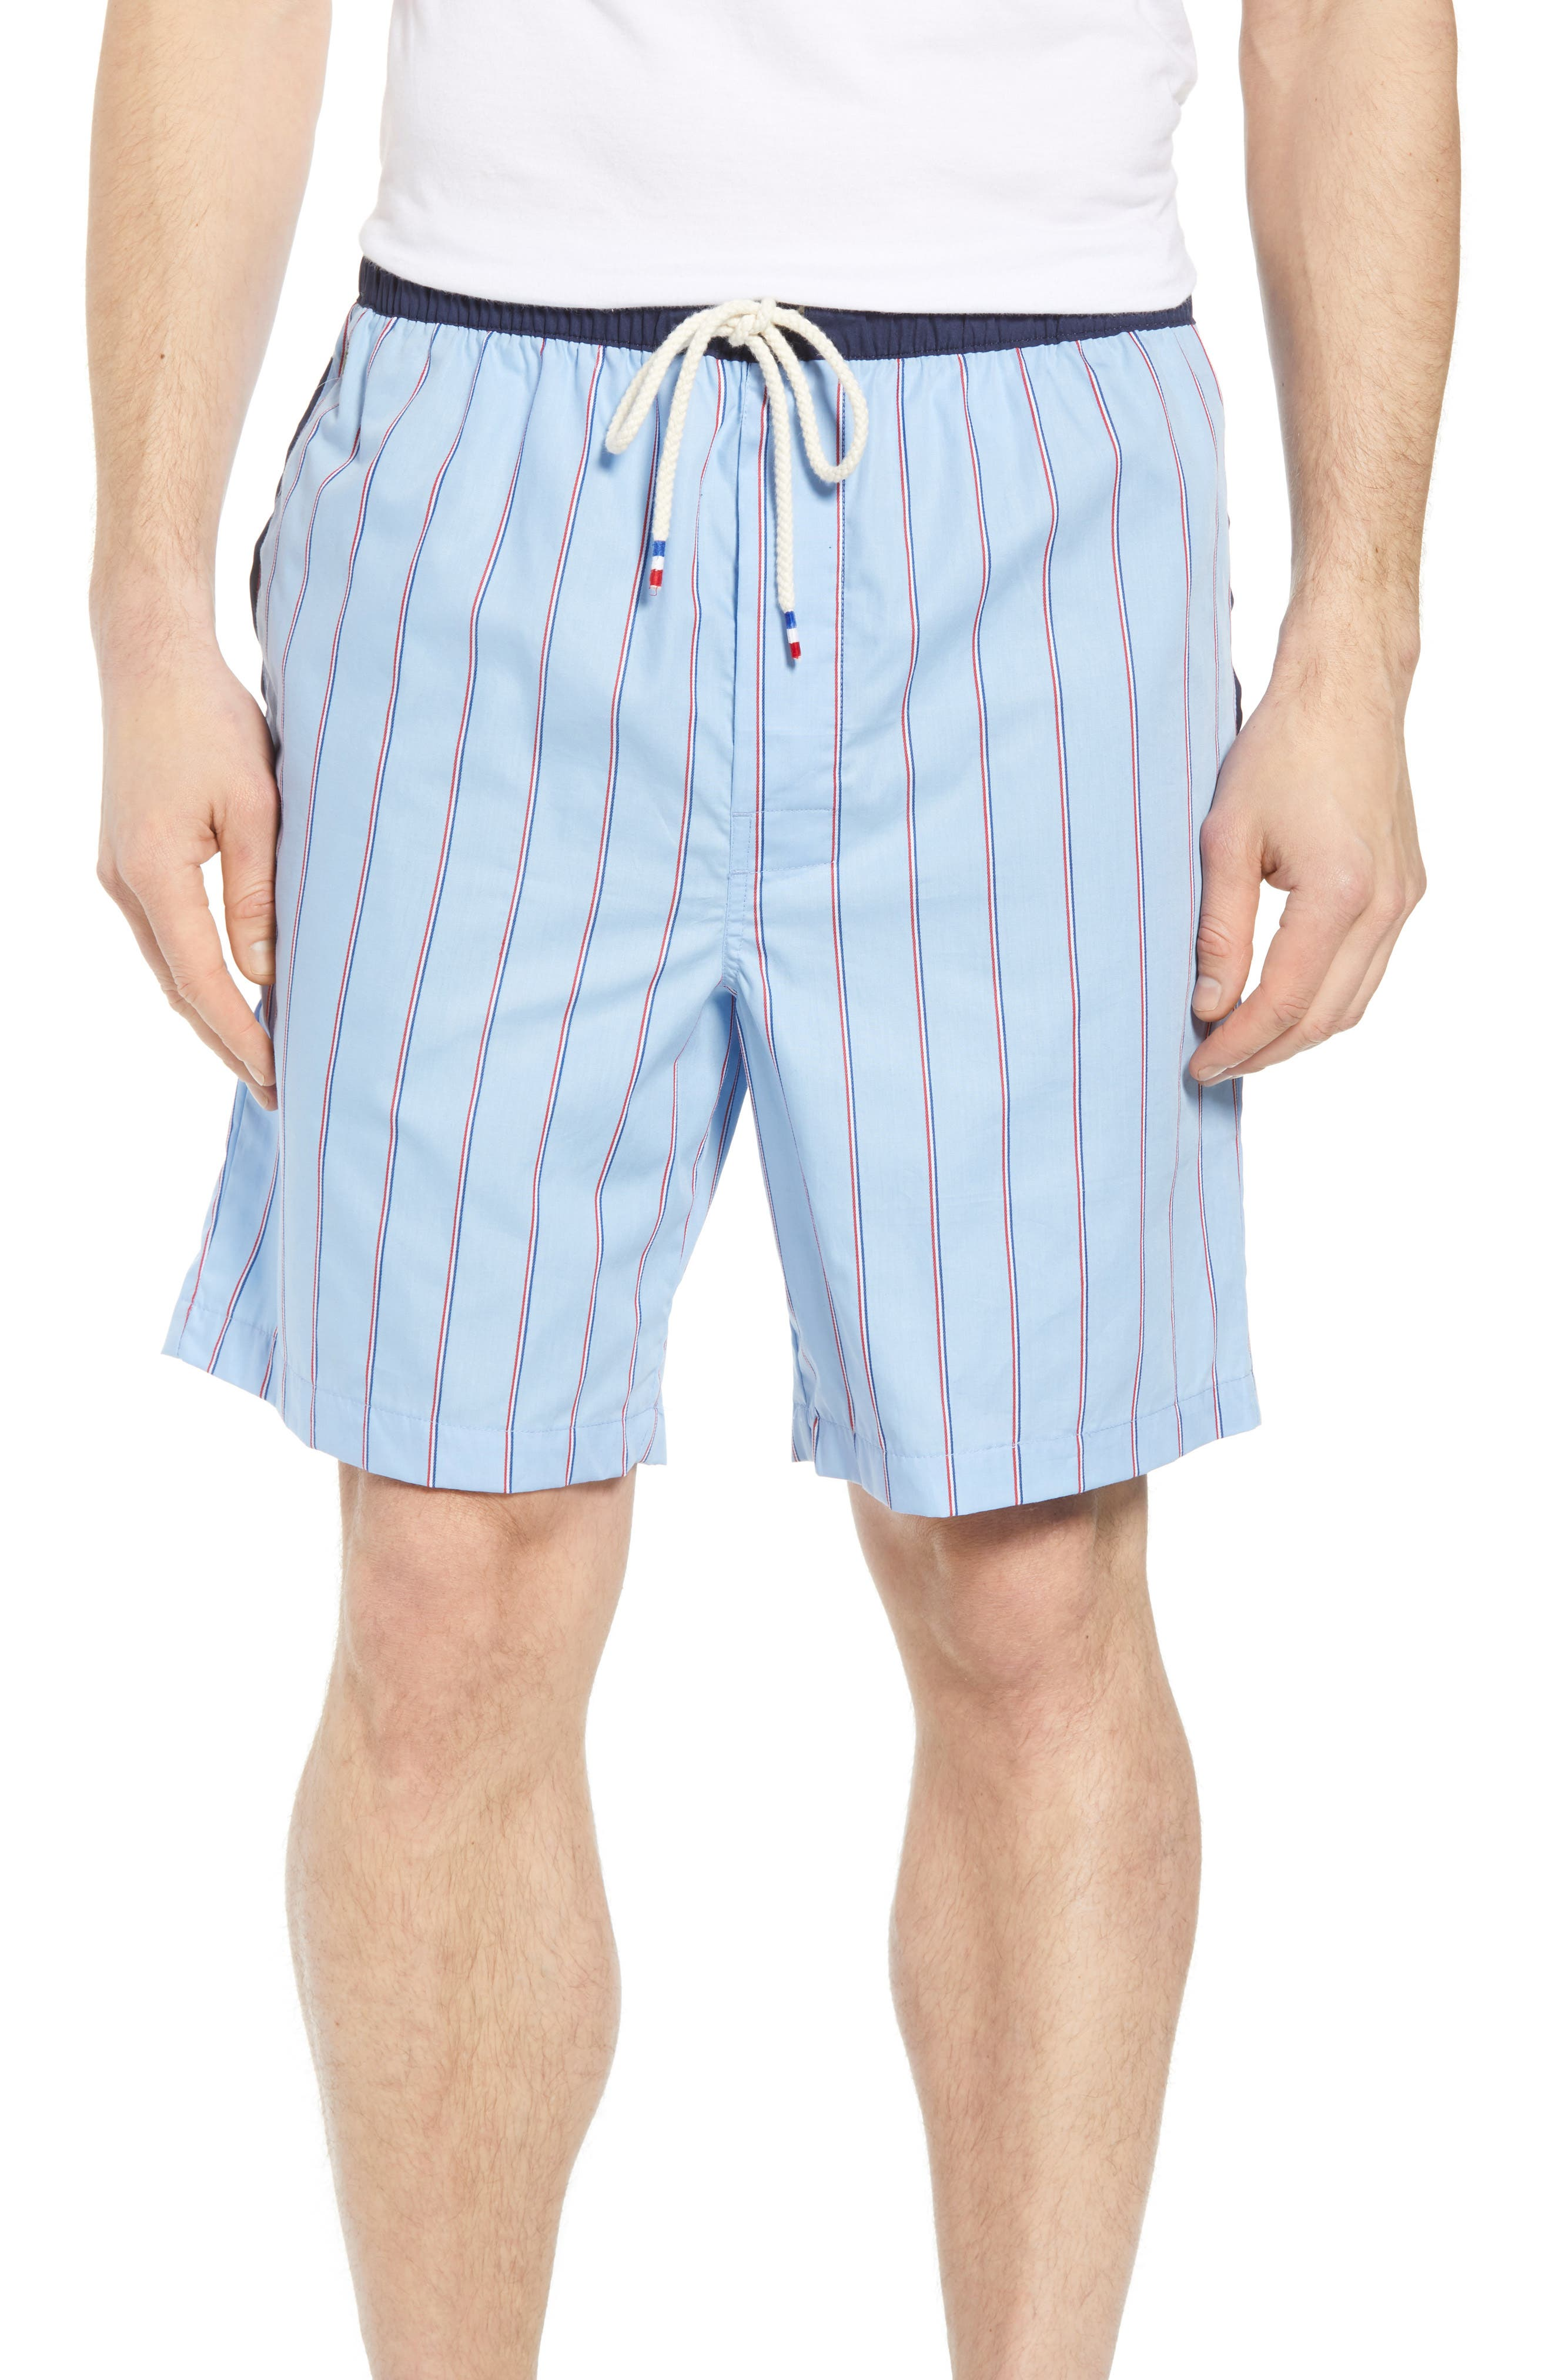 Cotton Sleep Shorts,                             Main thumbnail 1, color,                             OMPHALODES